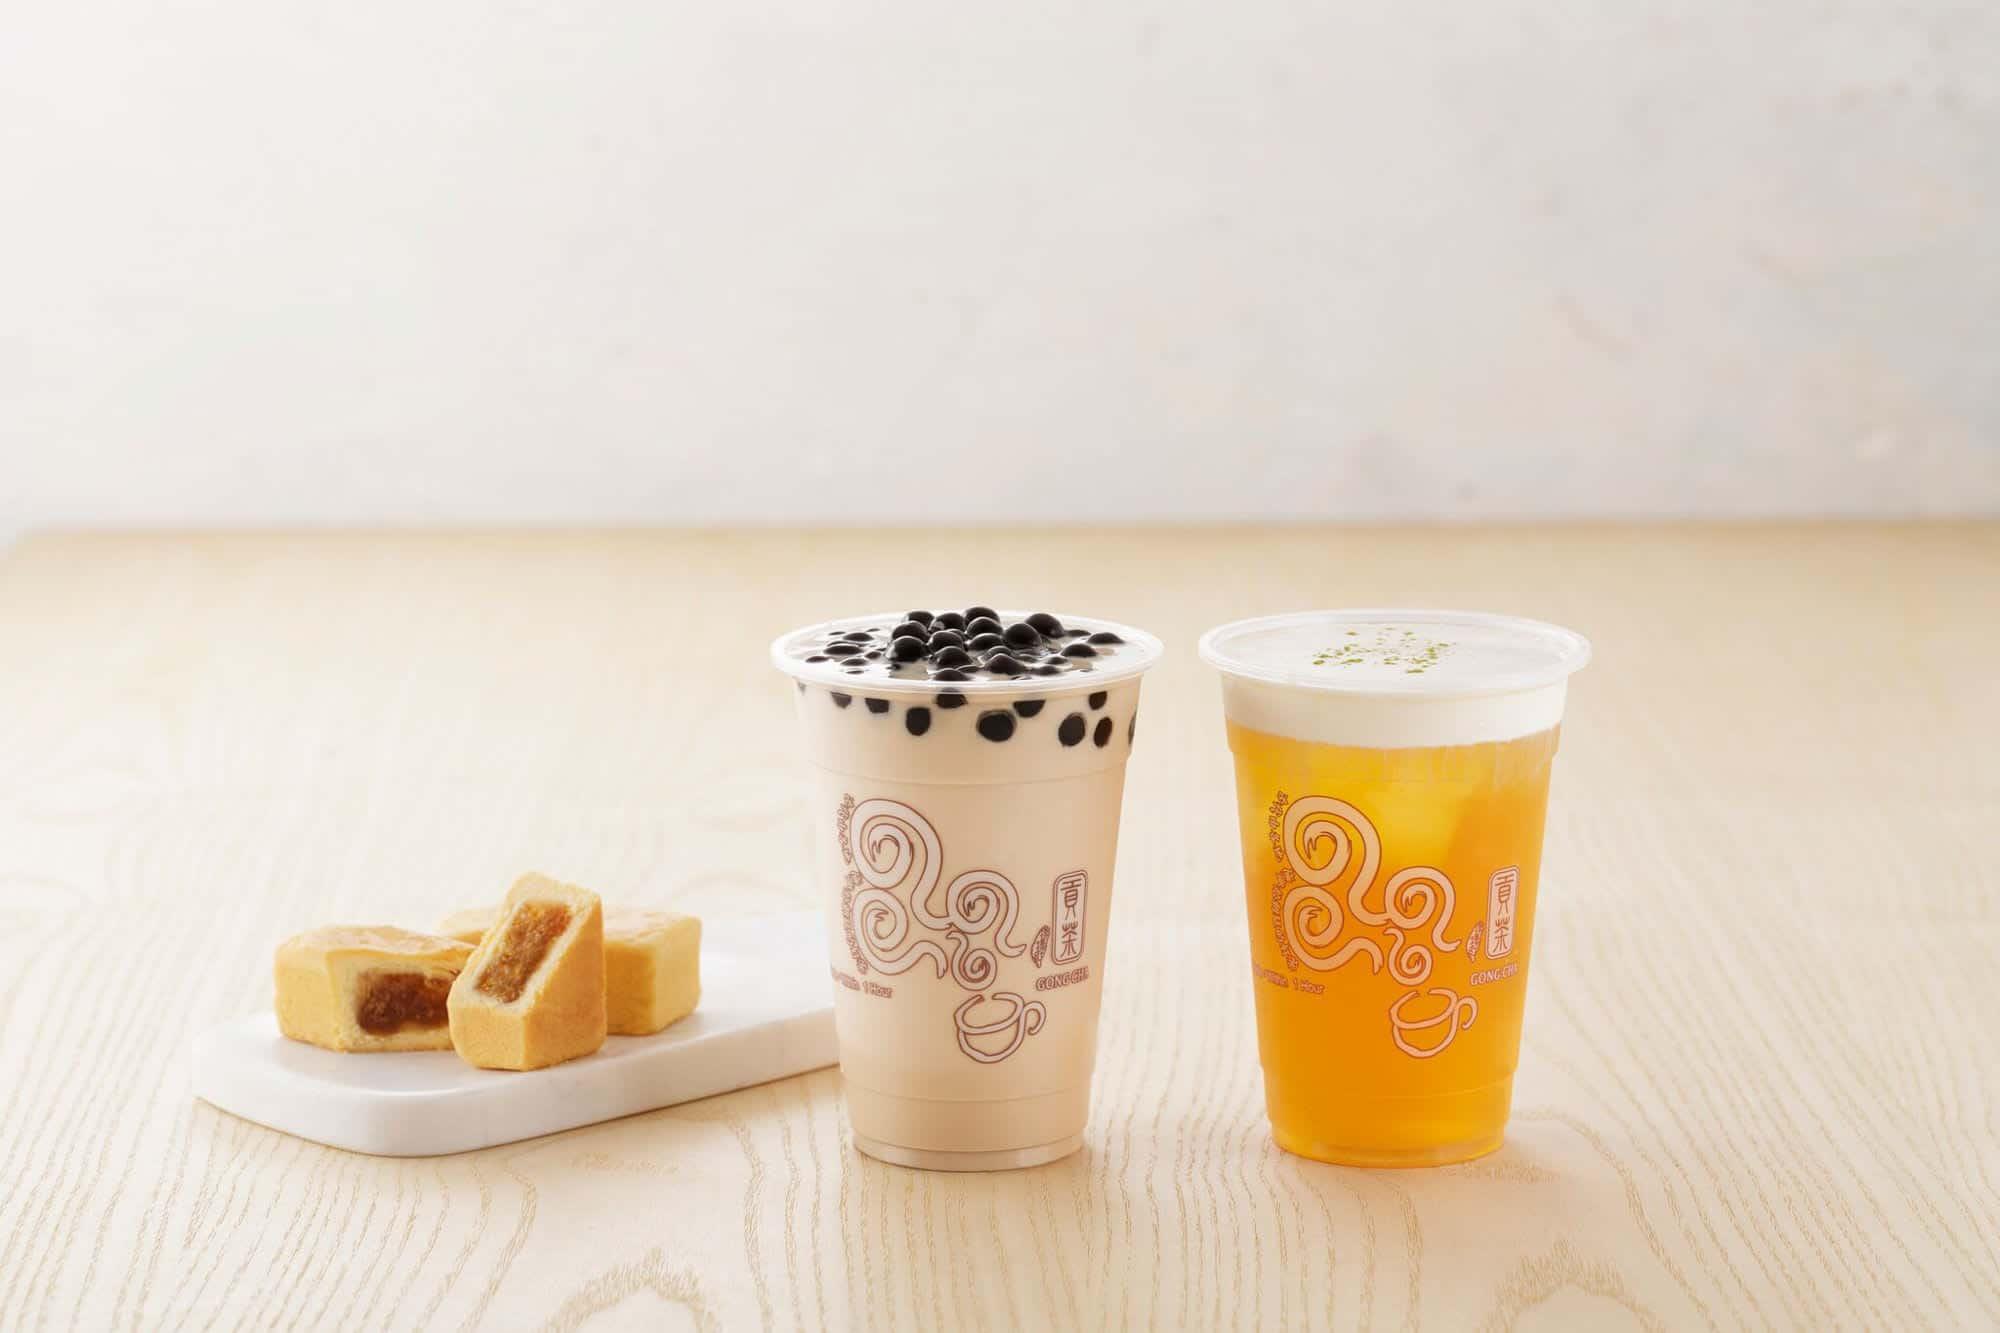 ชานมไข่มุก โอซาก้า (Bubble Milk Tea in Osaka) - Gong Cha ゴンチャ